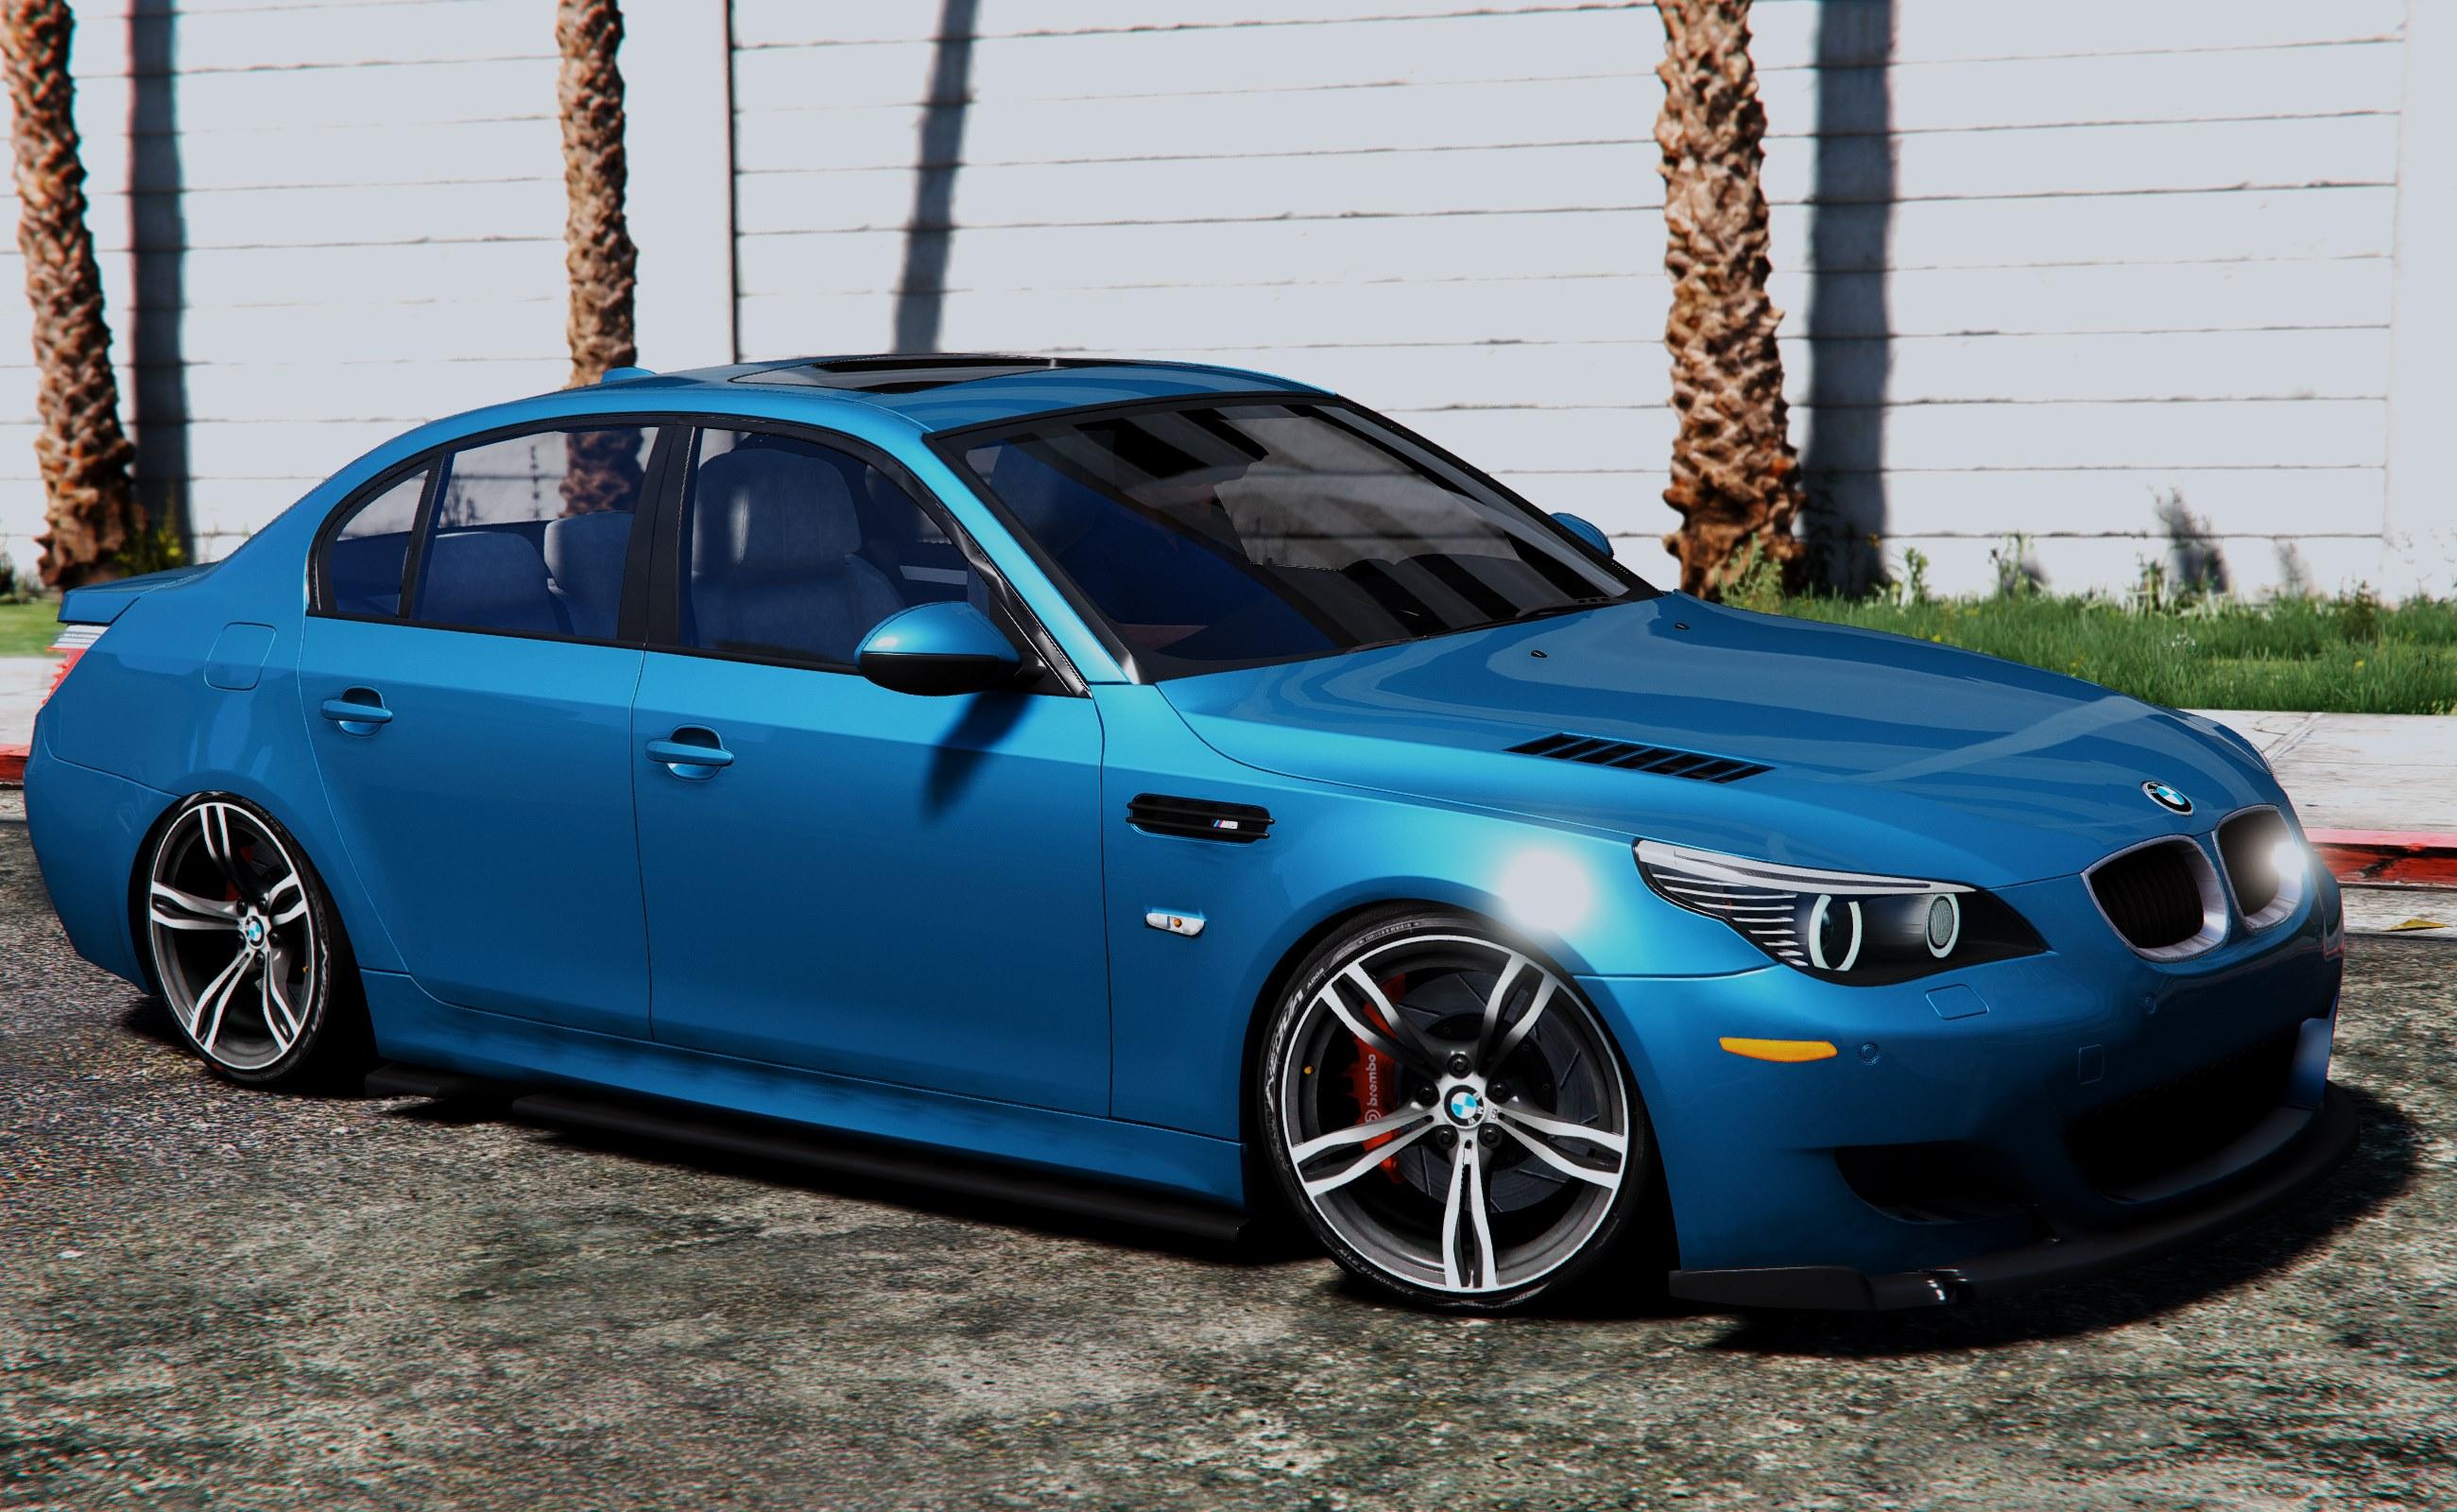 BMW M5 E60 v1.1 для GTA V - Скриншот 1